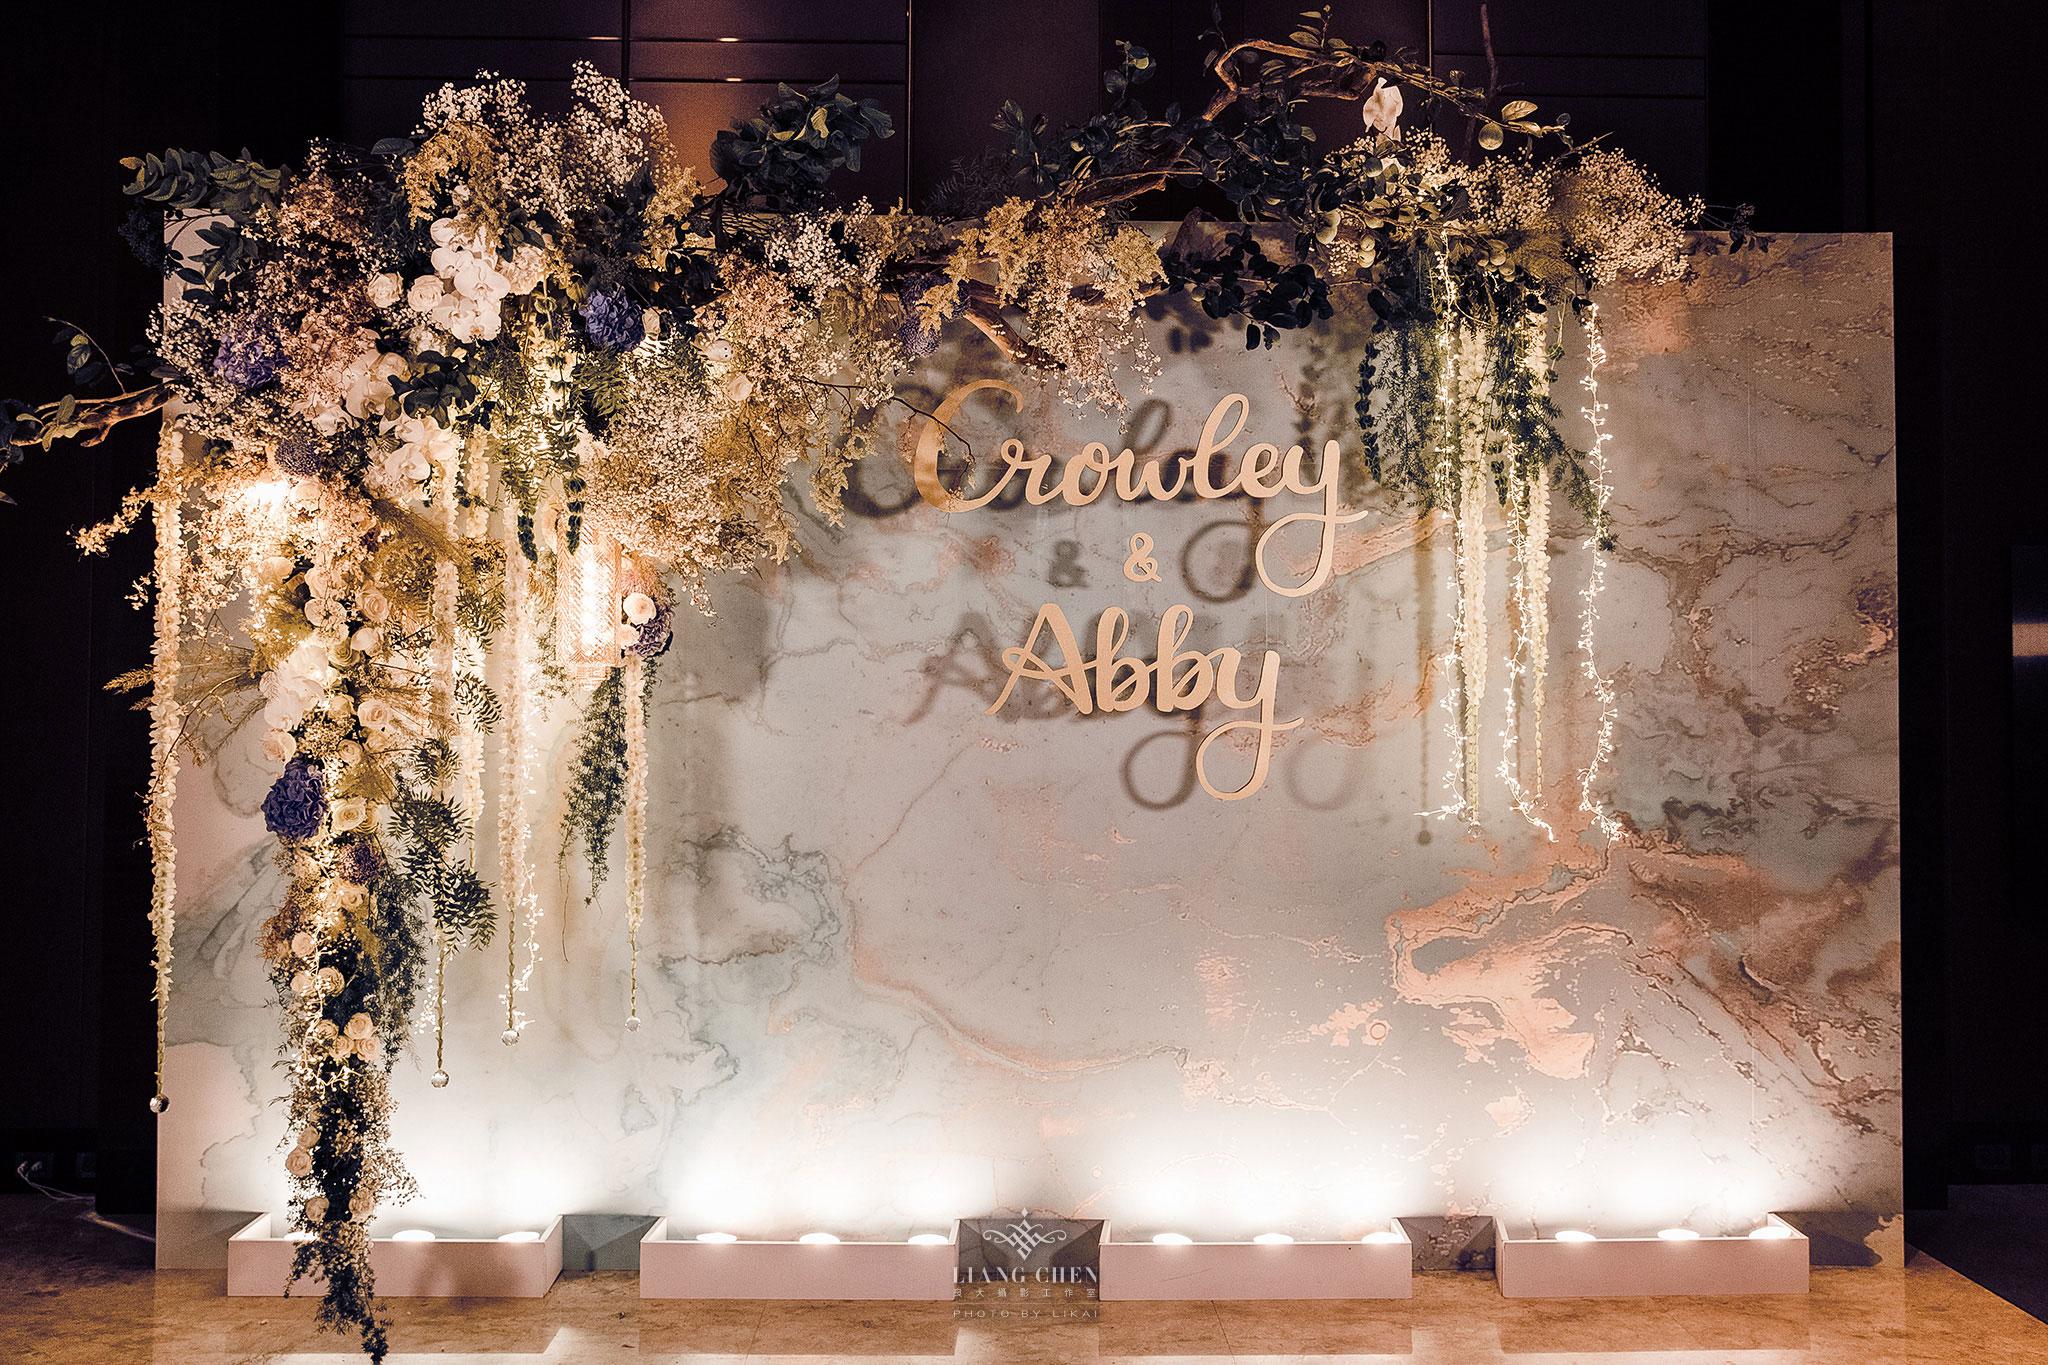 婚禮紀錄 - Abby & Crowley - 寒舍艾麗酒店